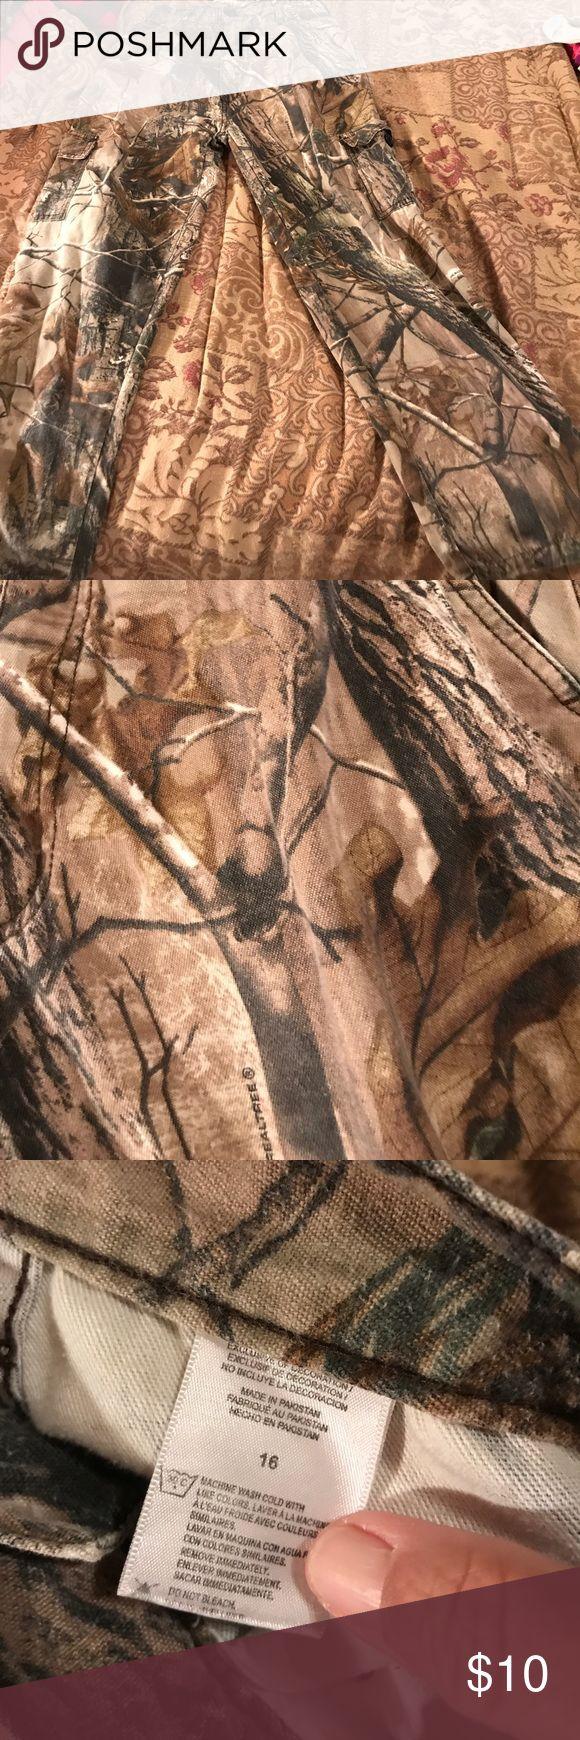 Boys Ranger Realtree pants Boys size 16 hunting pants Realtree Bottoms